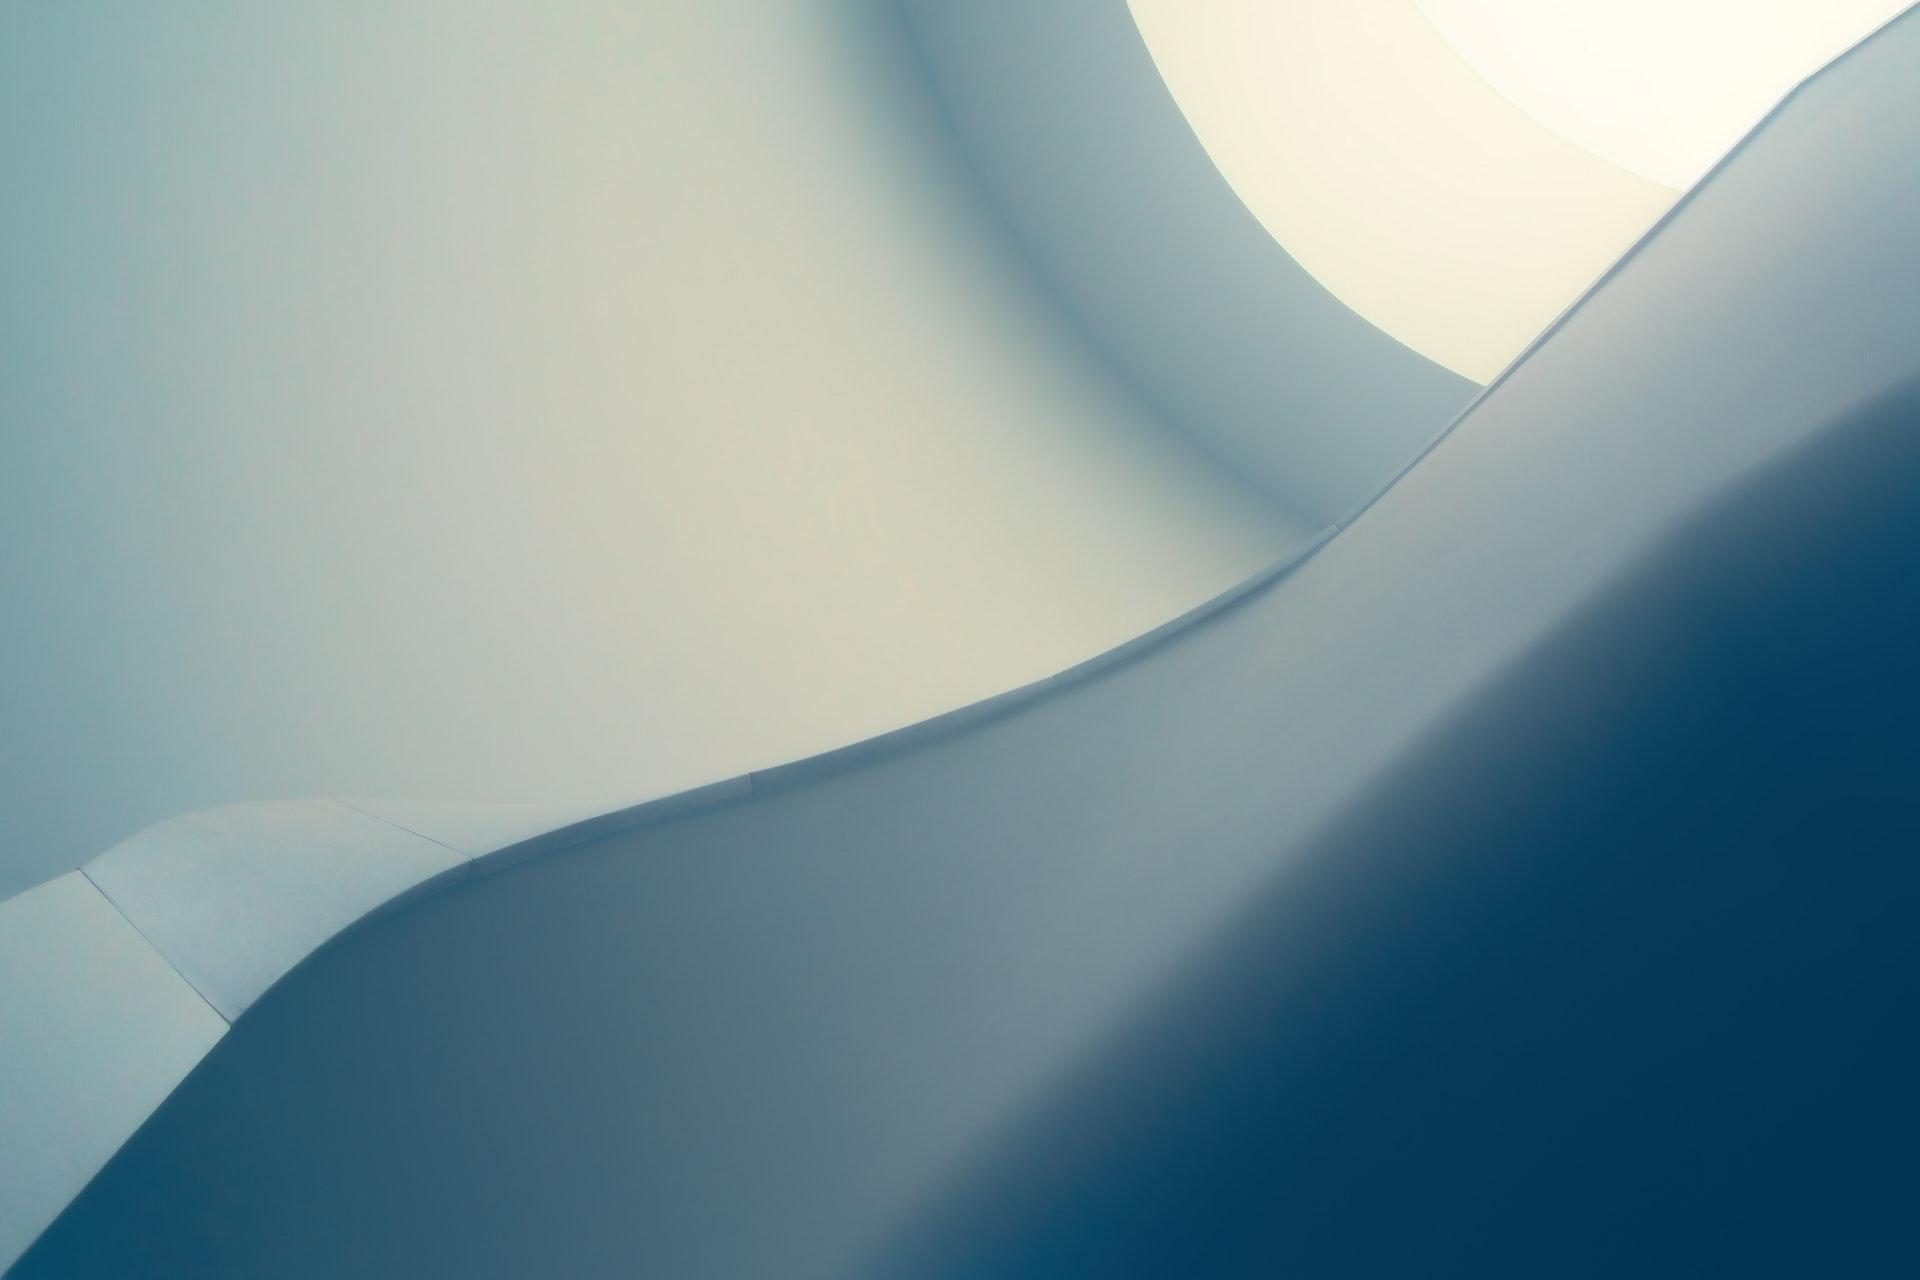 عکس زمینه تصویر منحنی زمینه خاکستری و سفید پس زمینه